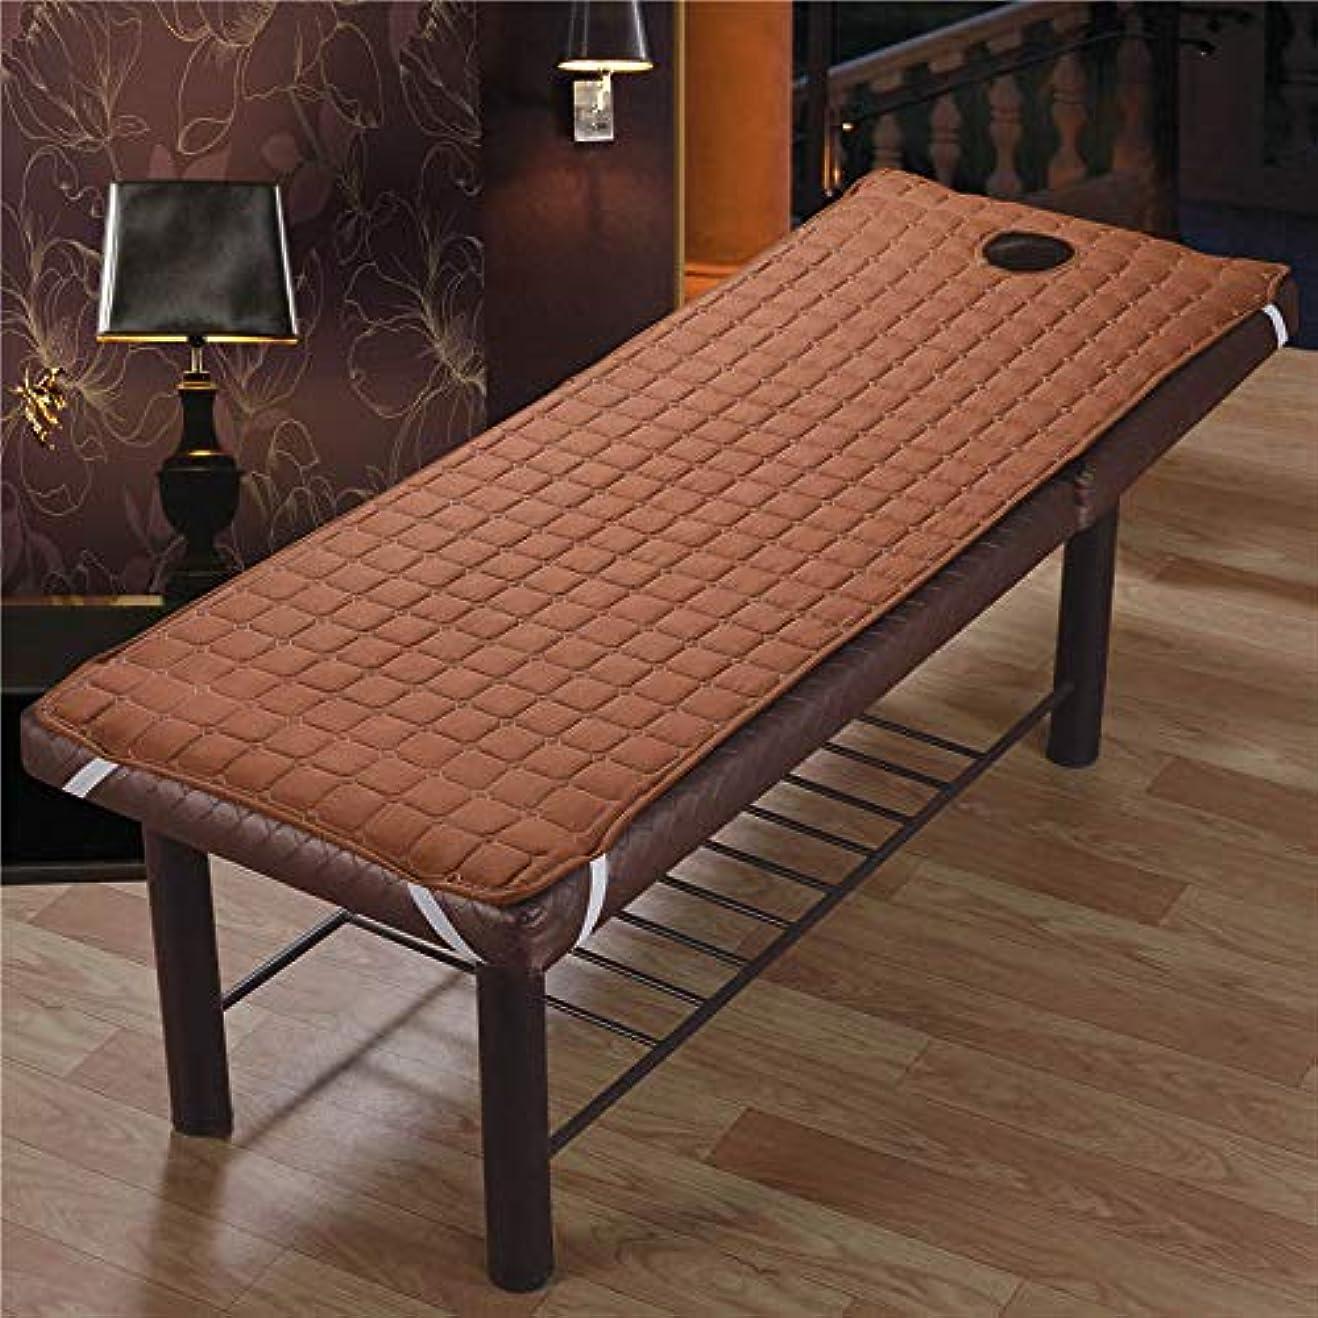 ツイン同化するプレビューCoolTack  美容院のマッサージ療法のベッドのための滑り止めのSoliod色の長方形のマットレス